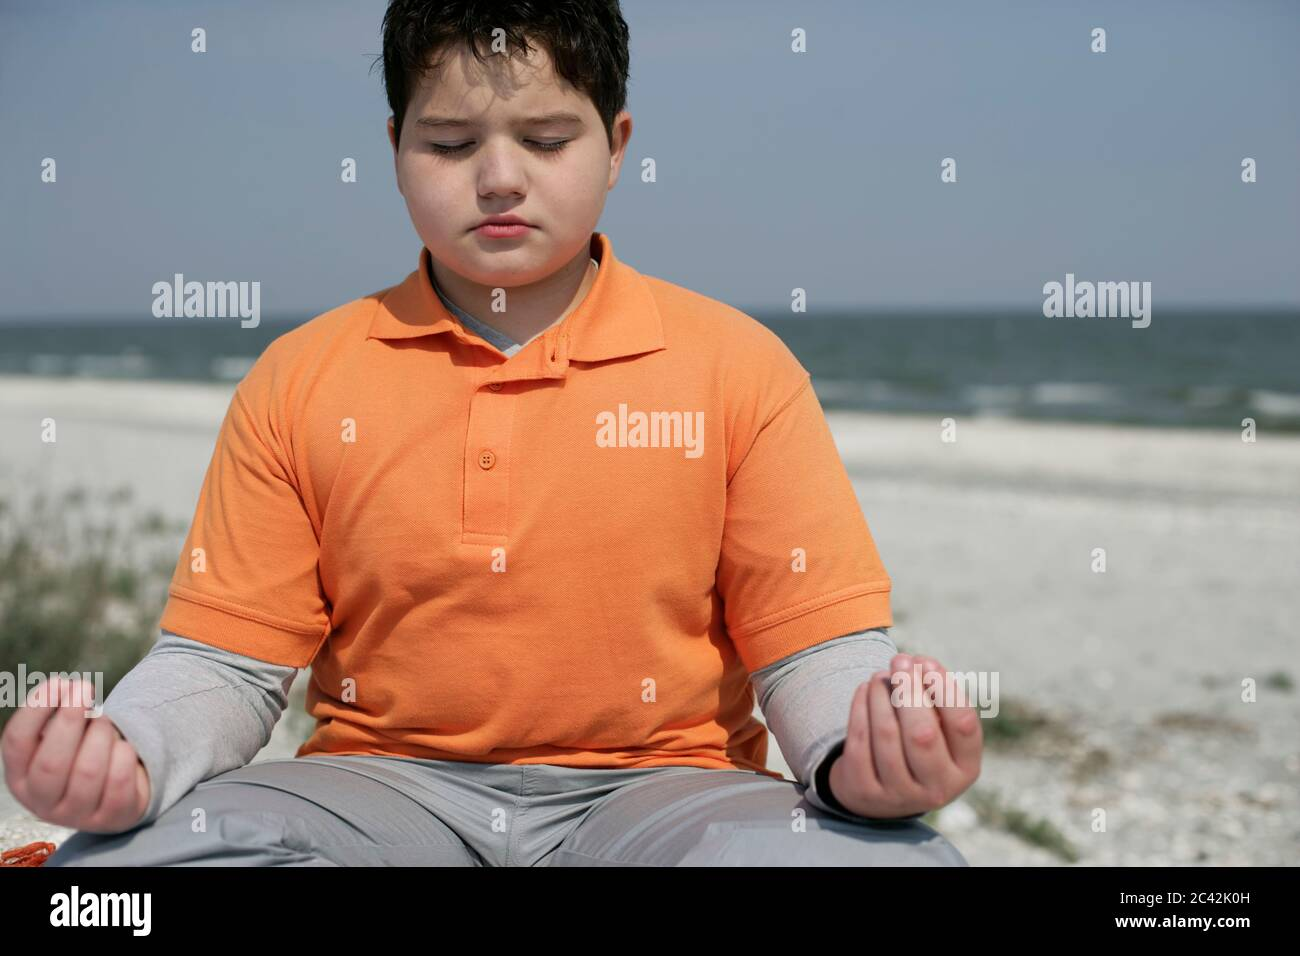 Boy chubby Fat Boy's